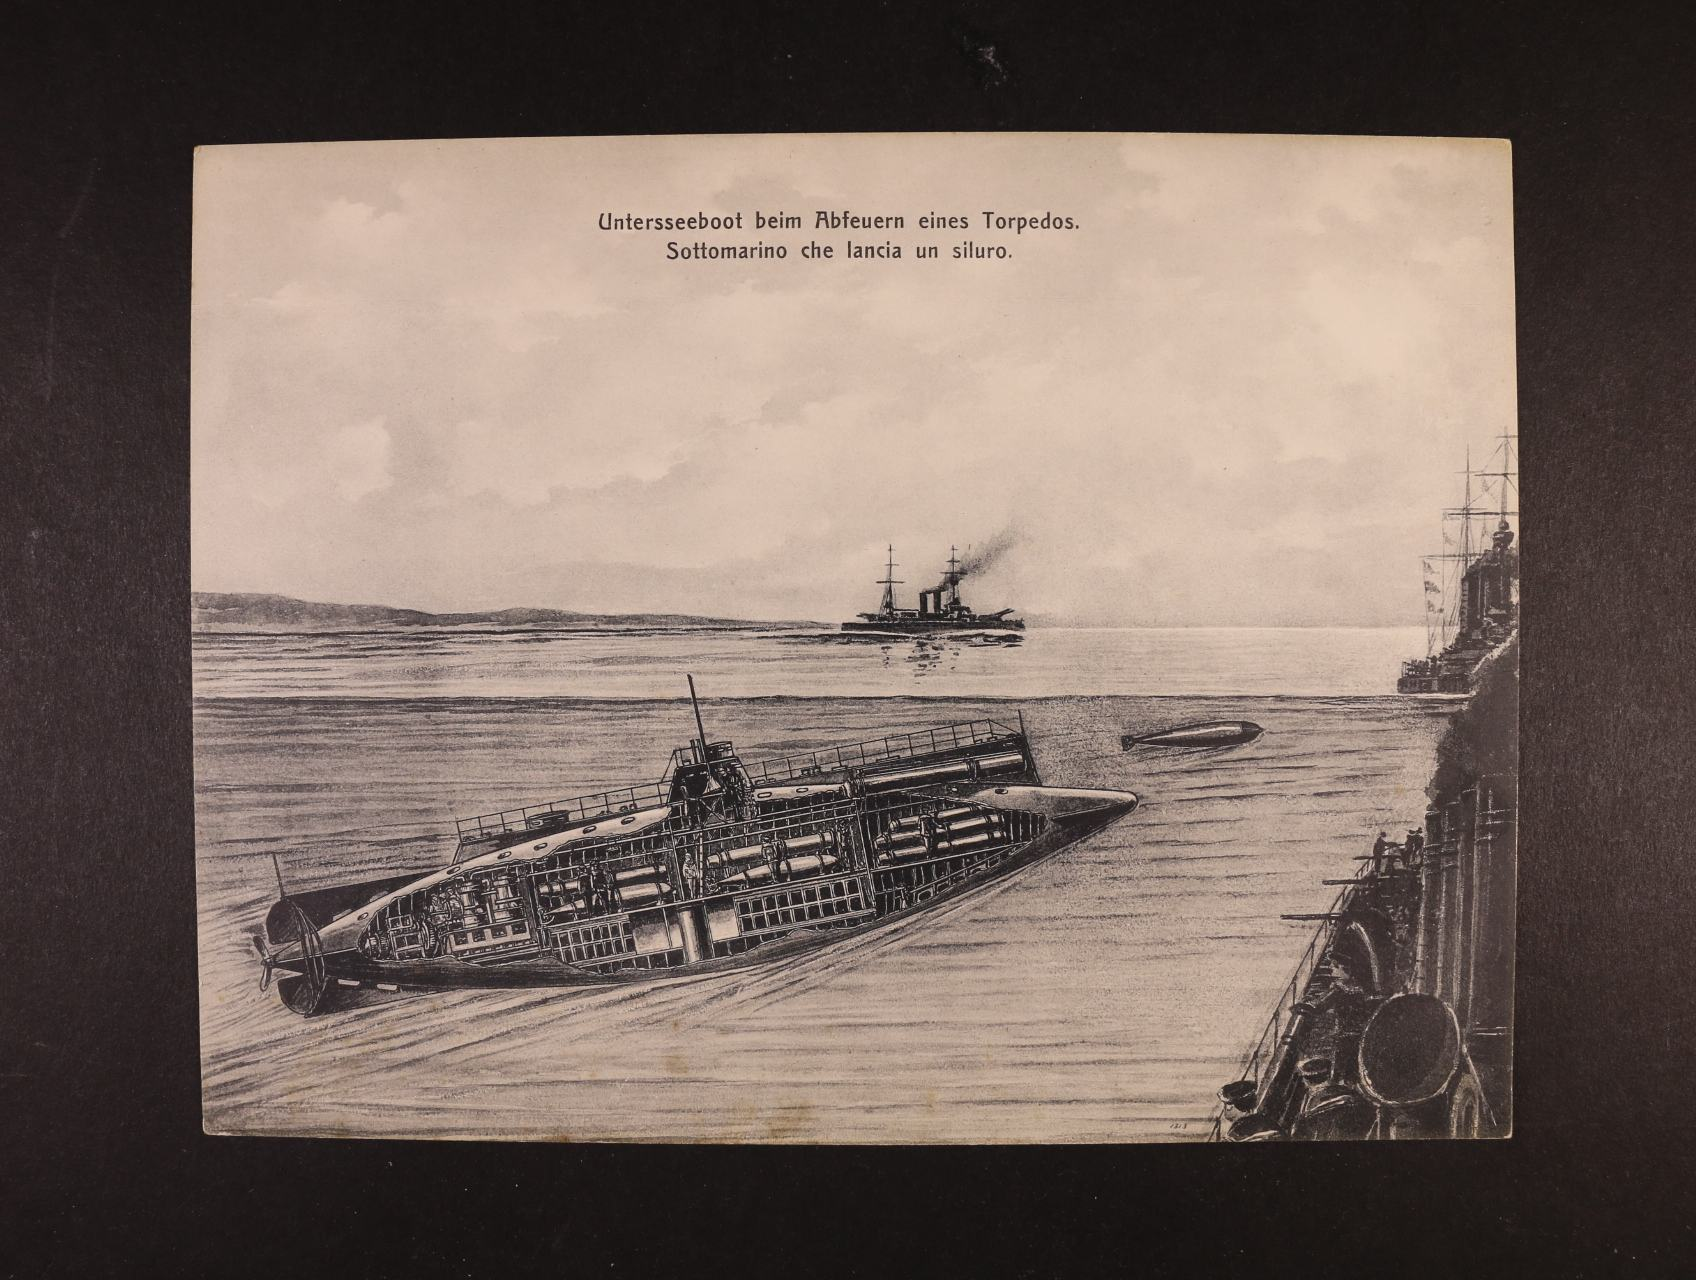 Lodě - jednobar. pohlednice formátu 175 x 240 mm s loděmi  Untersseeboot beim Abfeuern ..., dl. adresa, nepoužitá, dobrá kvalita